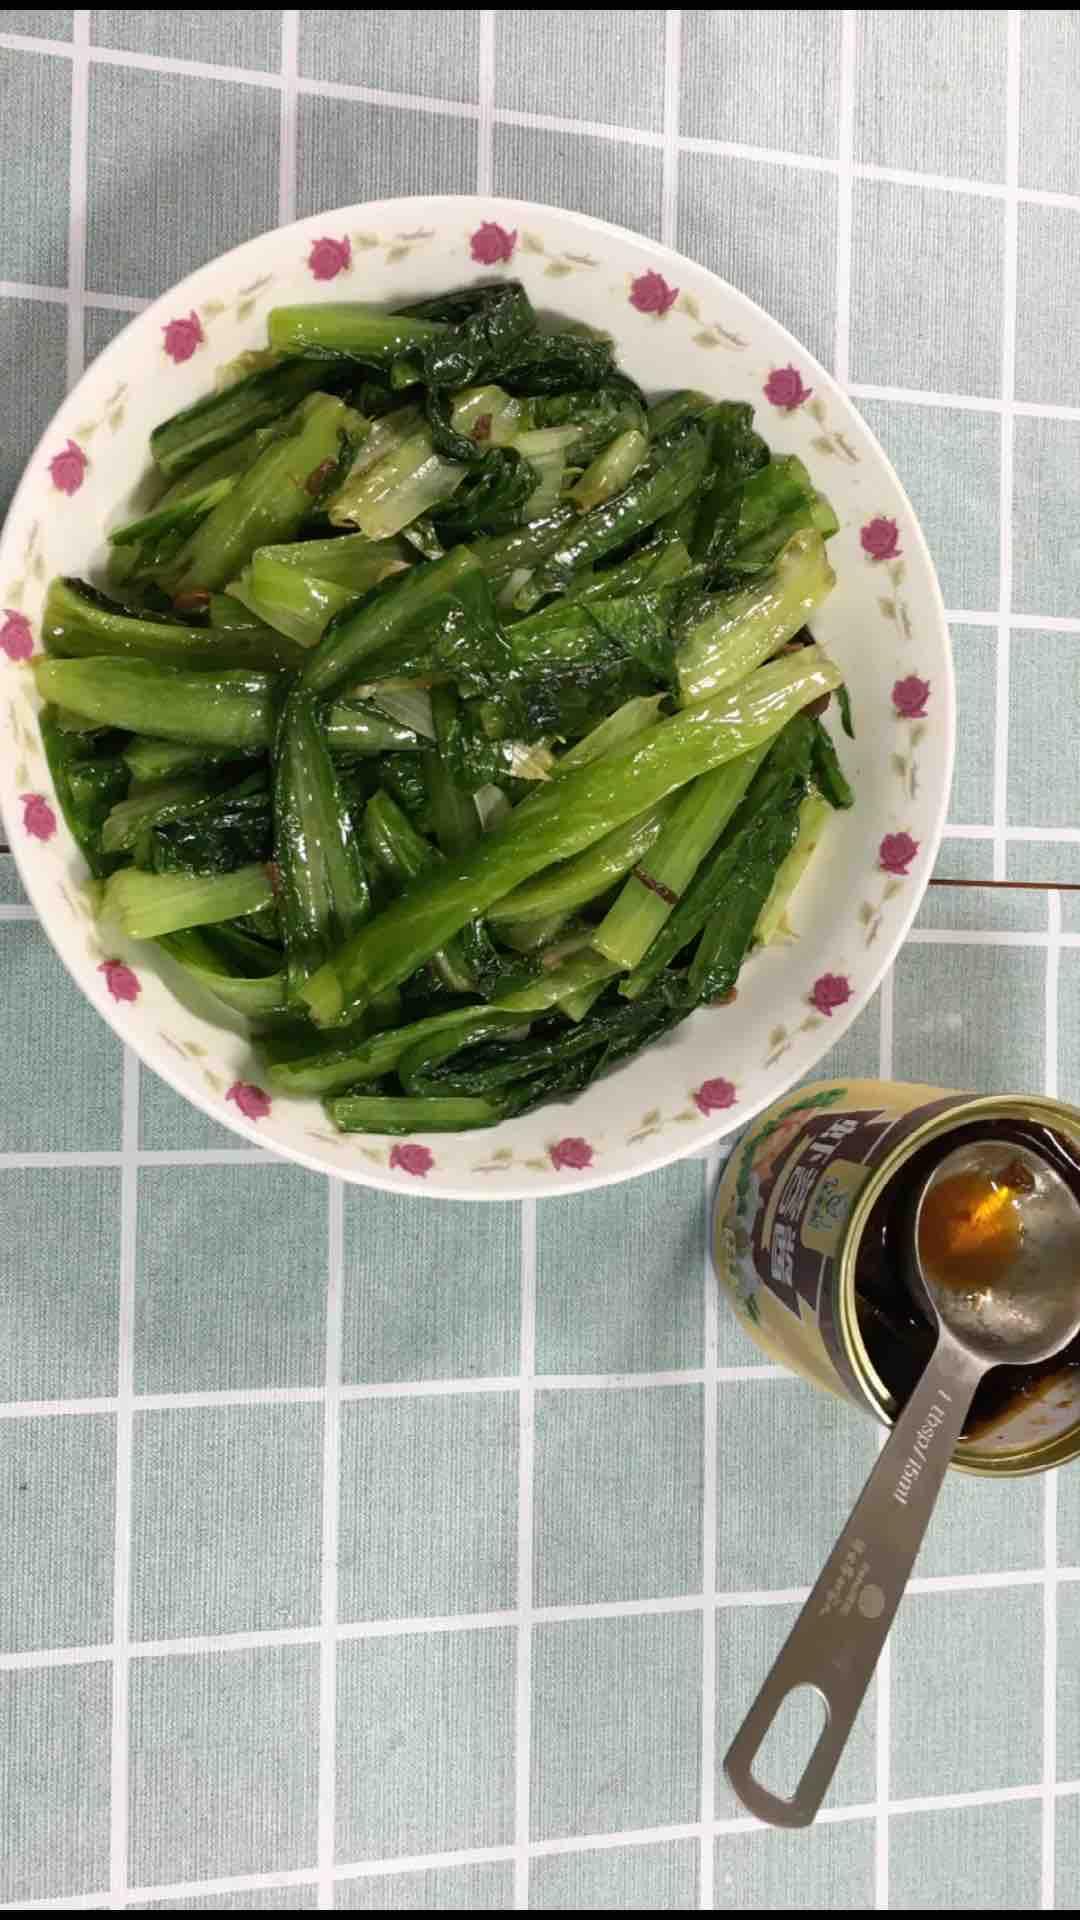 油麦菜加这种酱炒不比豆豉鲮鱼油麦菜味道差